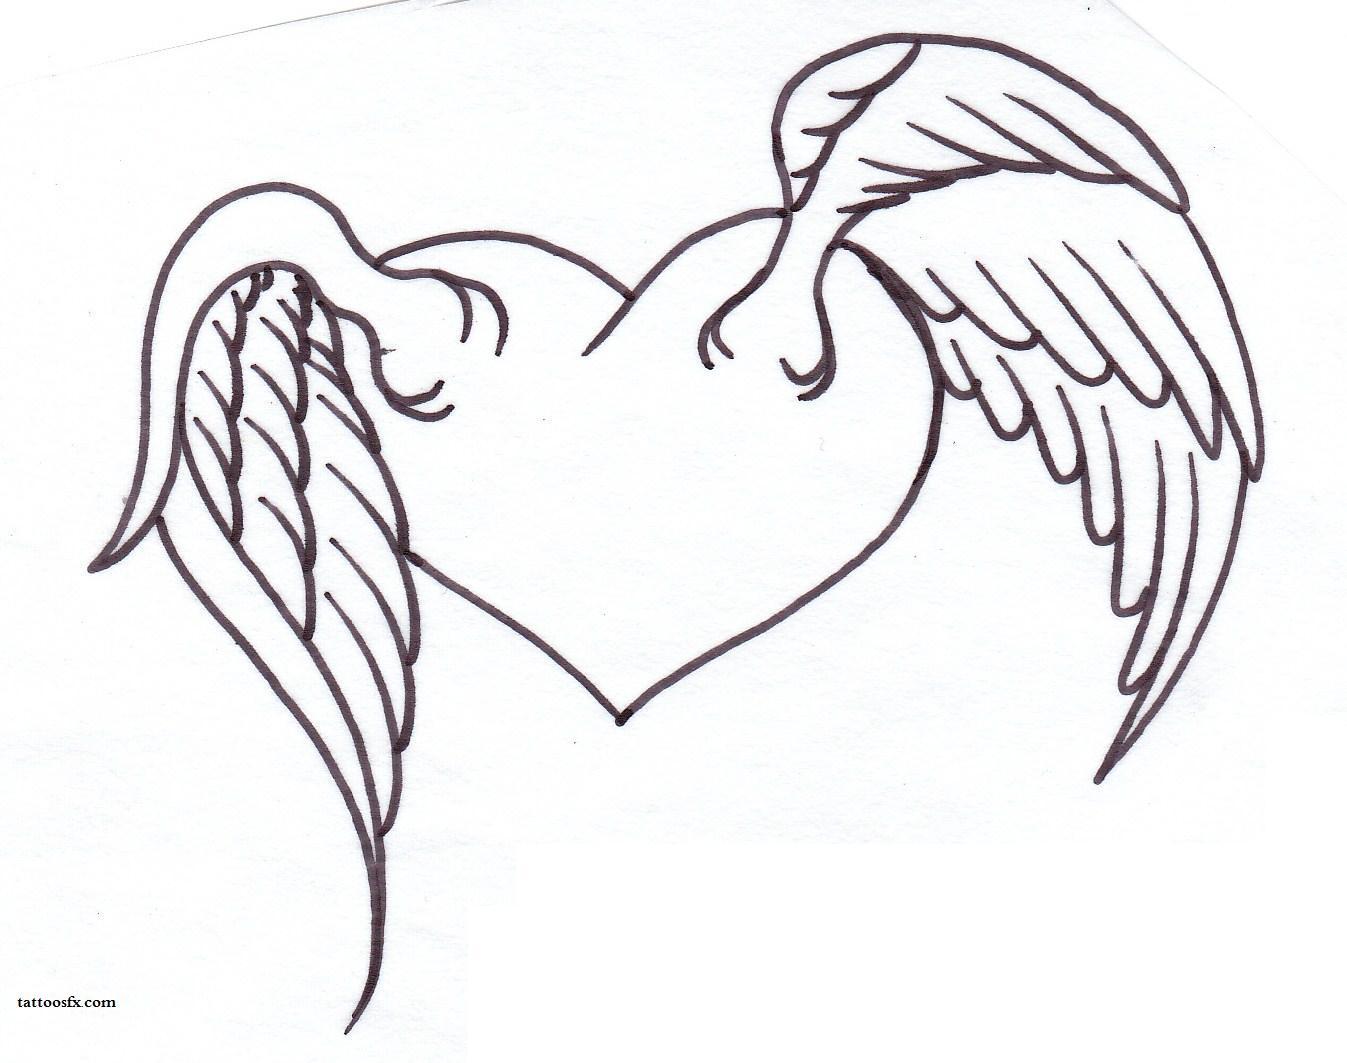 Broken Hearts Drawing At Getdrawings